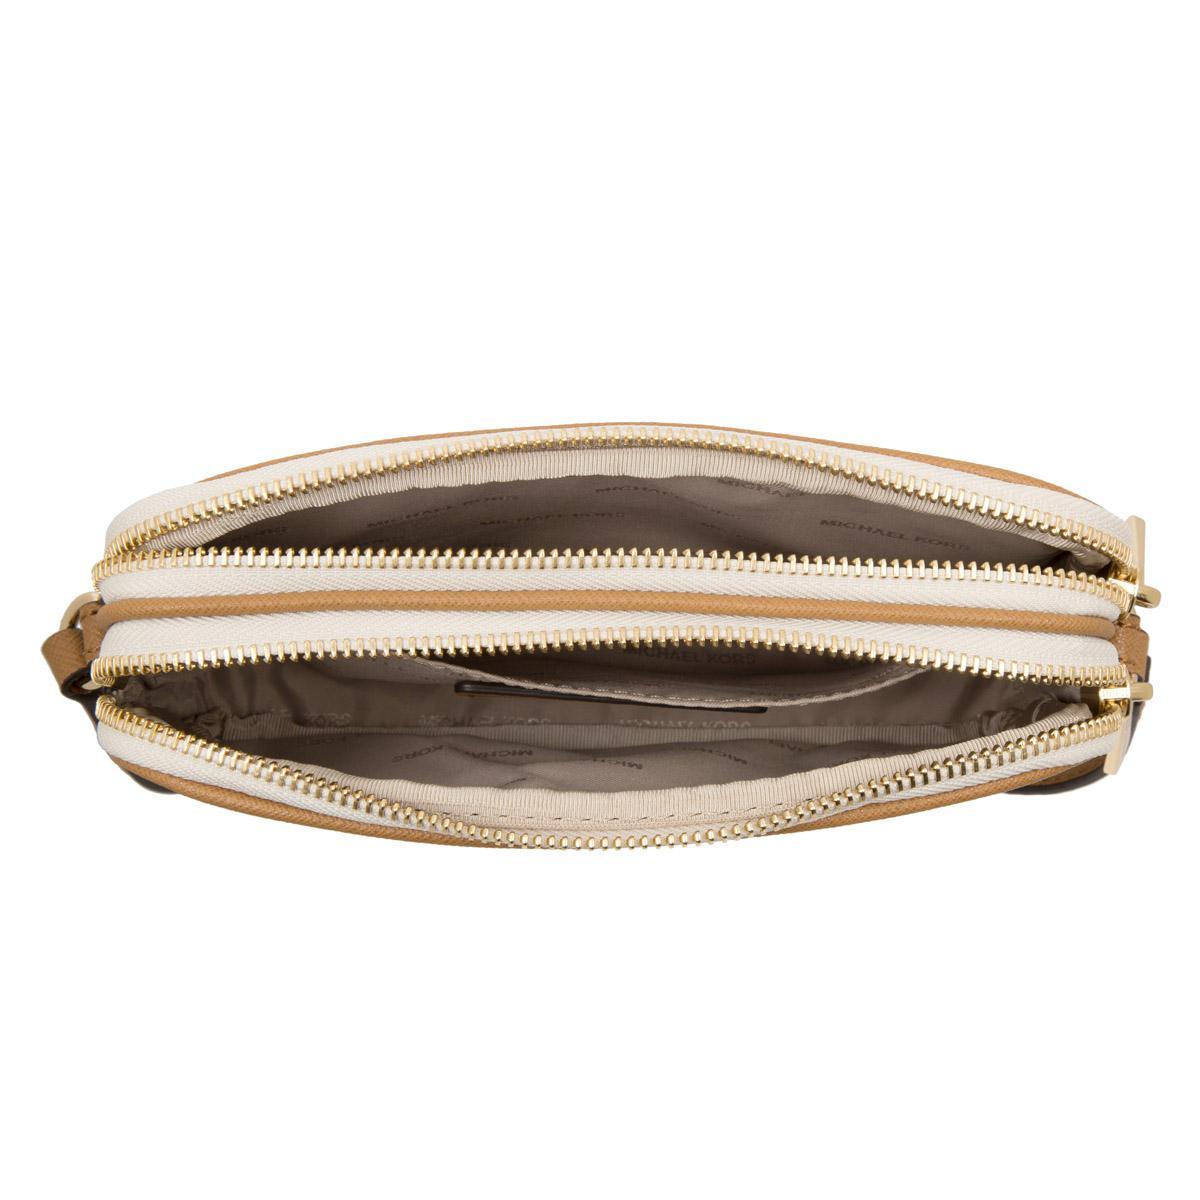 0bfa6cda898347 Michael Kors Bedford Md Double Zip Crossbody Bag Vanilla/acorn in ...